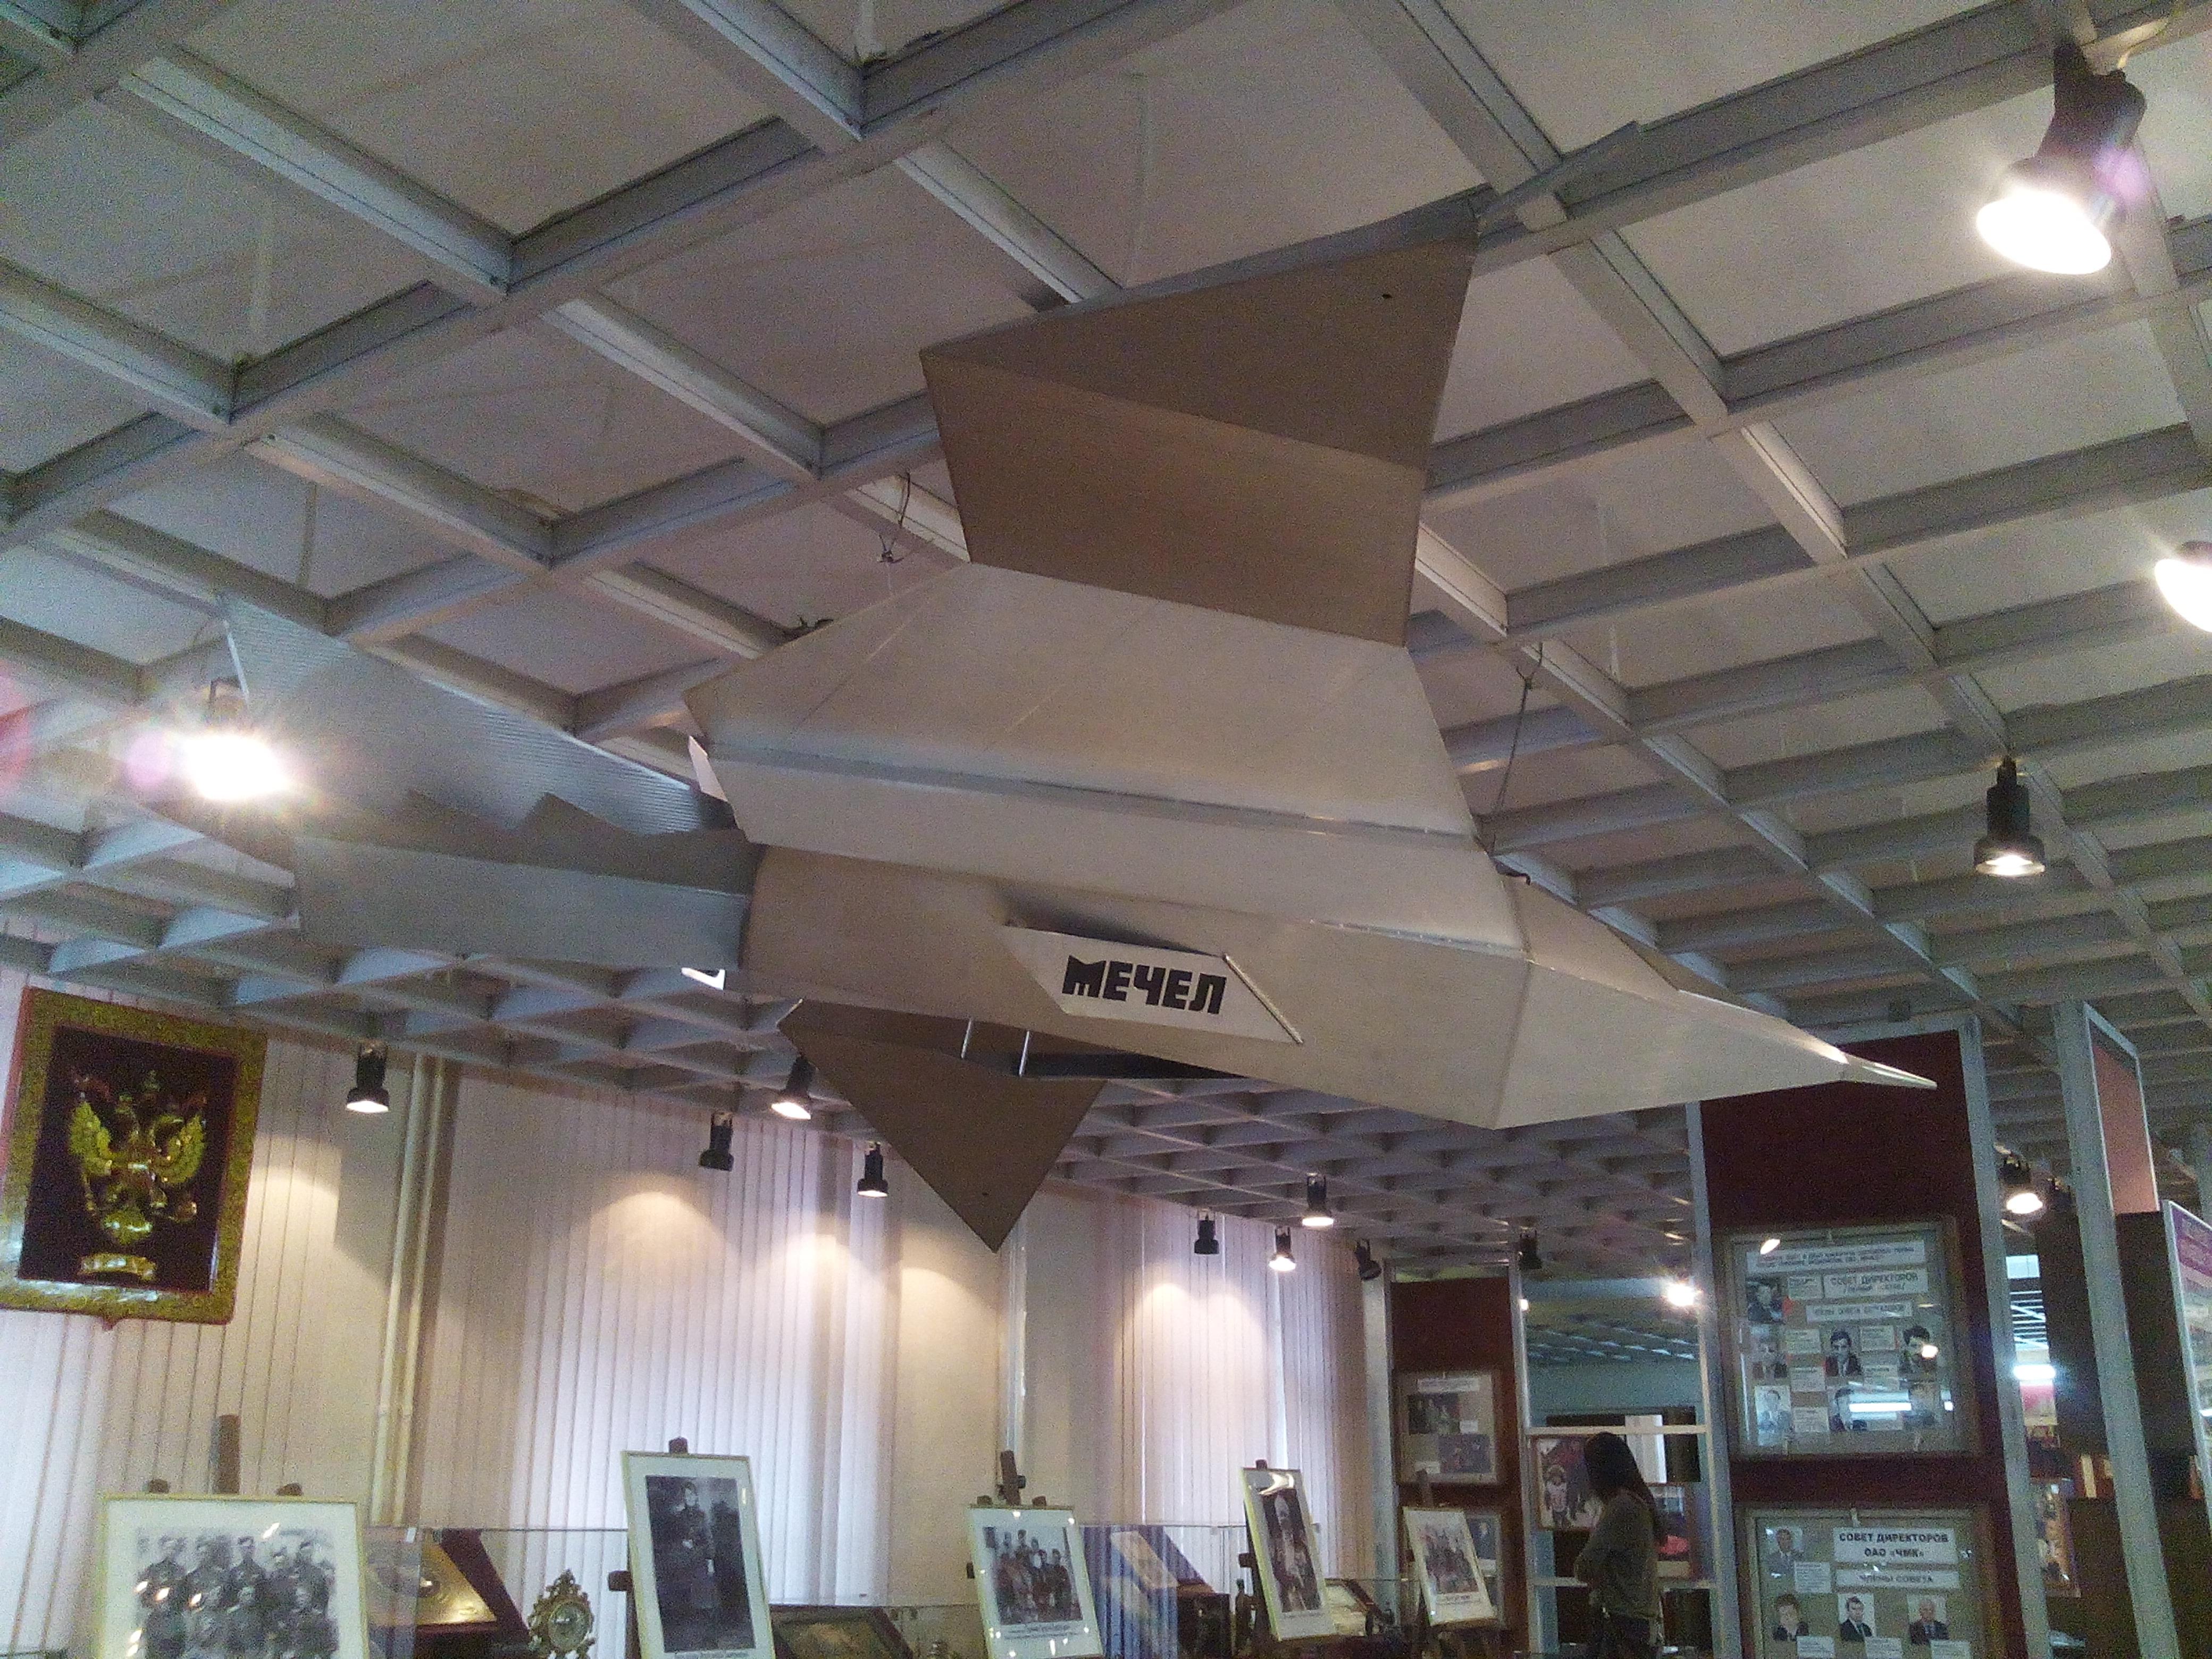 Модель самолета вмузее ЧМК (25.11.2015)